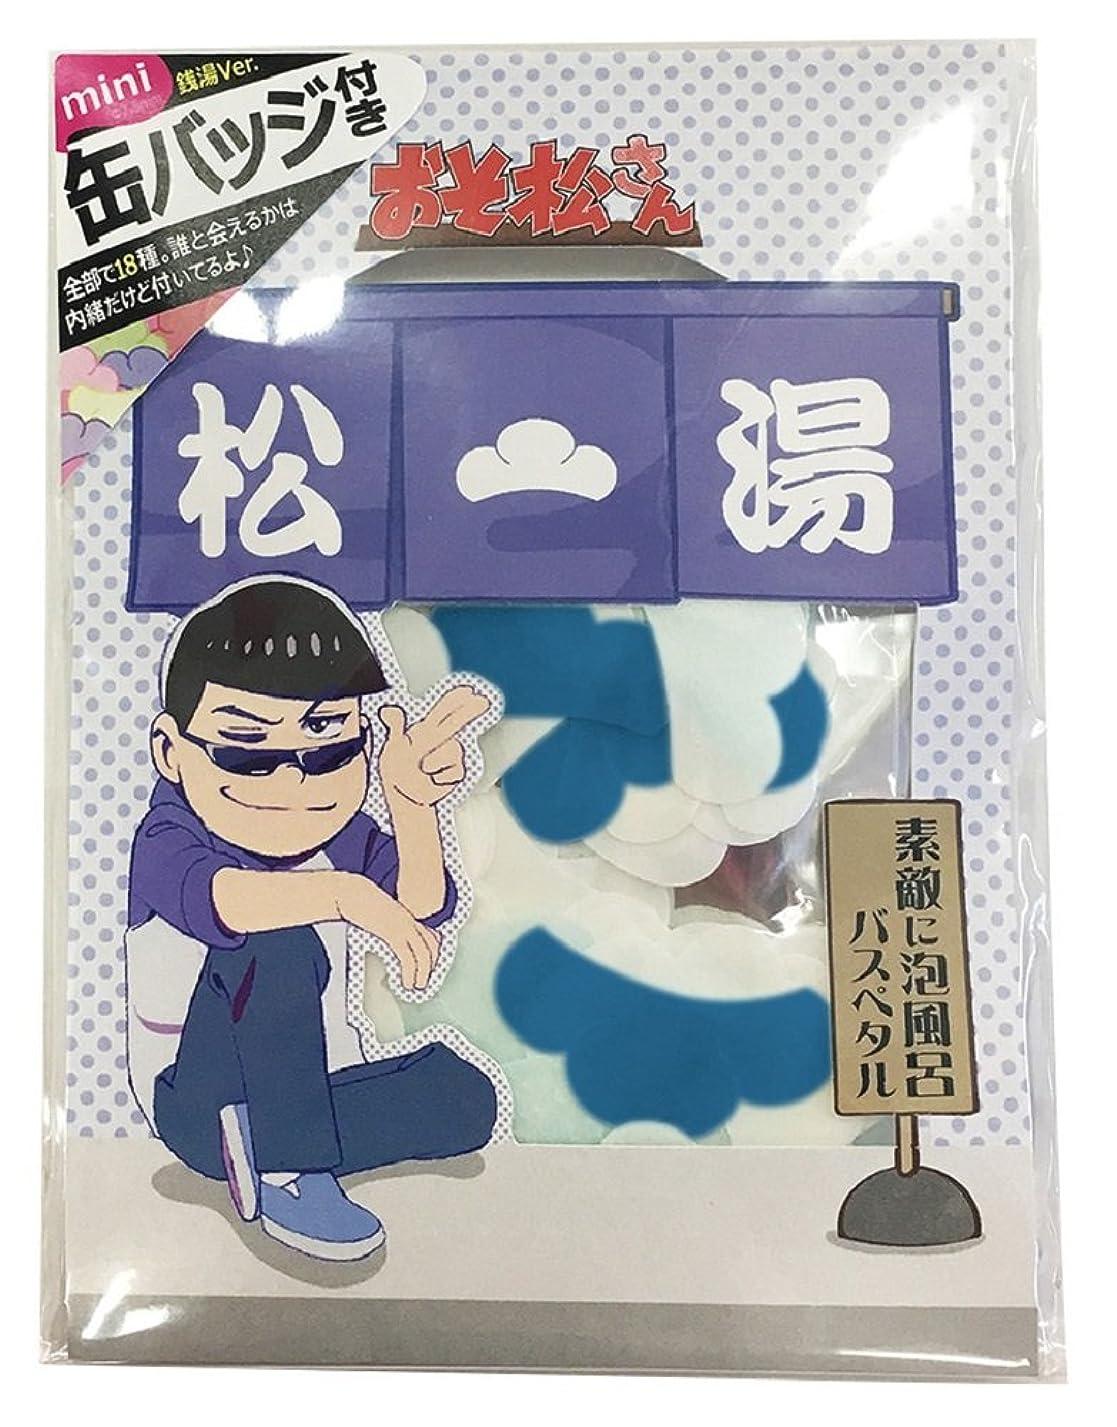 ランデブーゲートしみおそ松さん 入浴剤 バスペタル カラ松 香り付き ミニ缶バッジ付き ABD-001-002